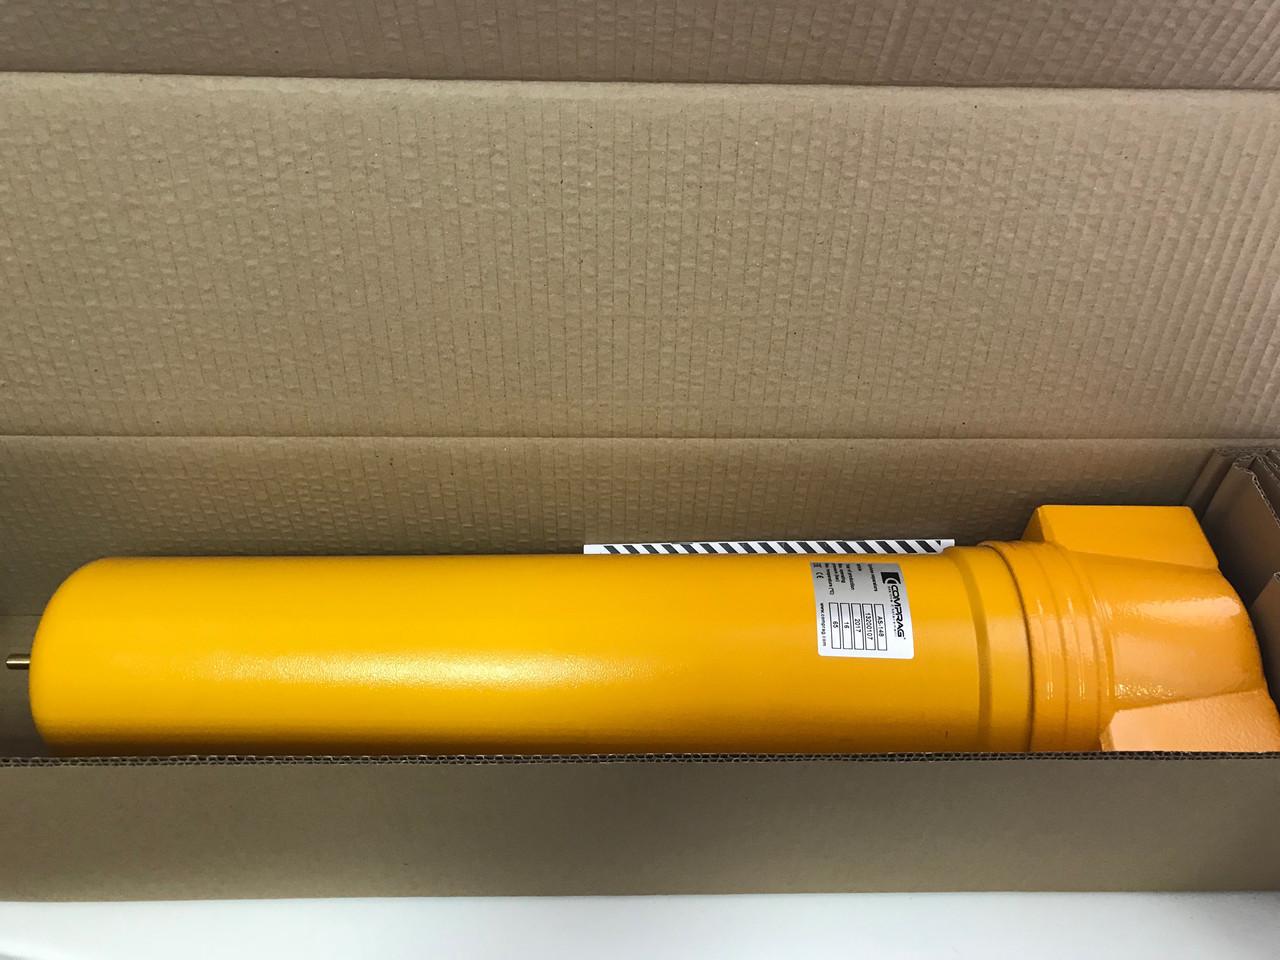 Циклонный сепаратор Comprag AS-036 (Германия) | магистральный сепаратор воздуха